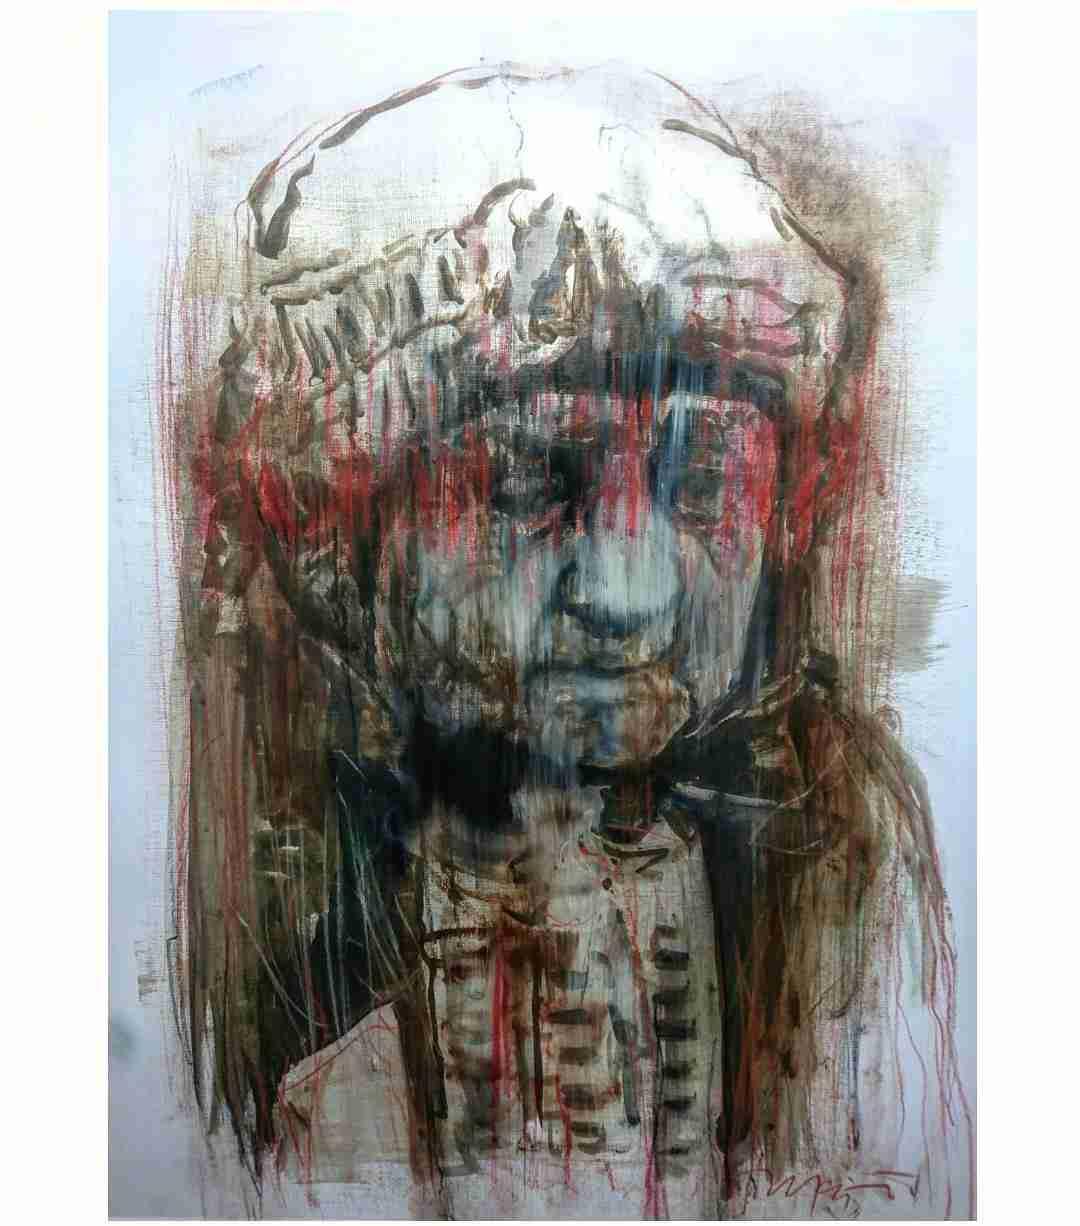 Obra: No más venda teñida de rojo (En honor a la resistencia mapuche)